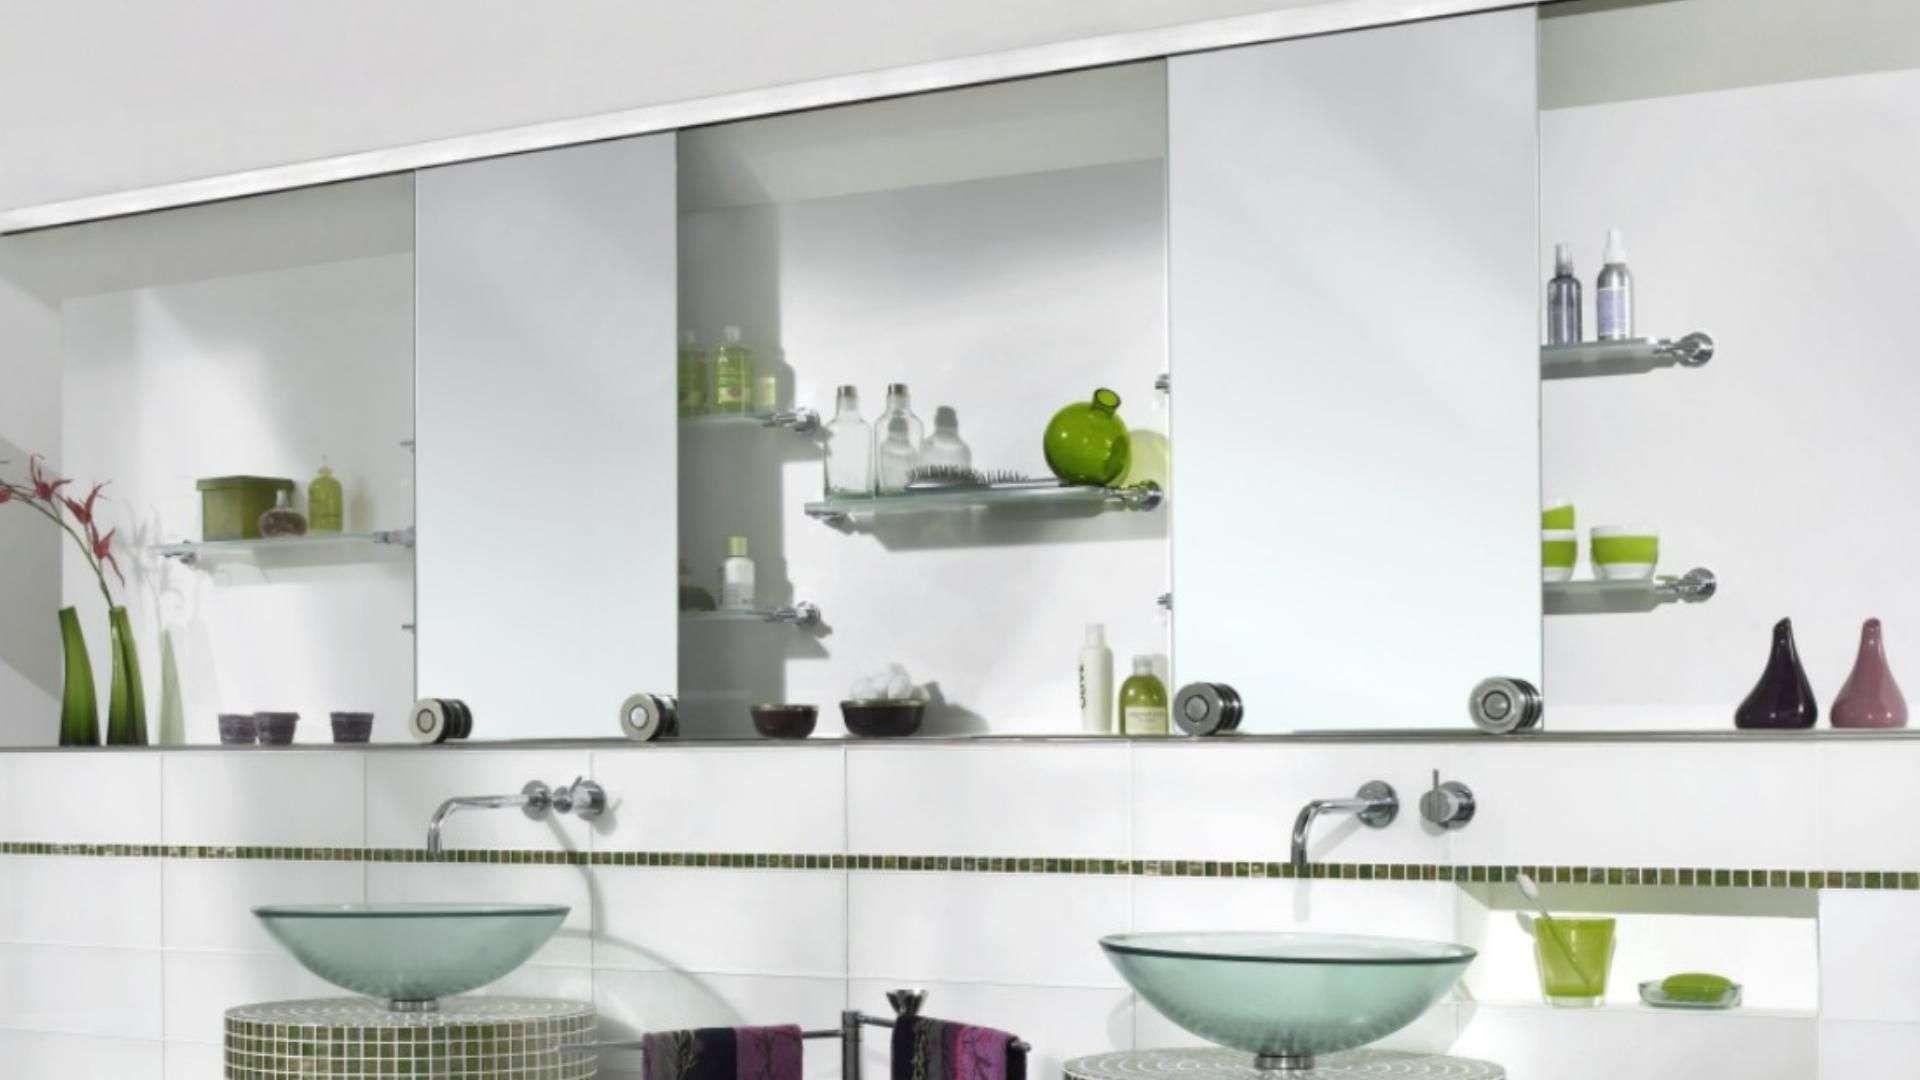 zwei Spiegel über Waschtischen im Hotel Marta